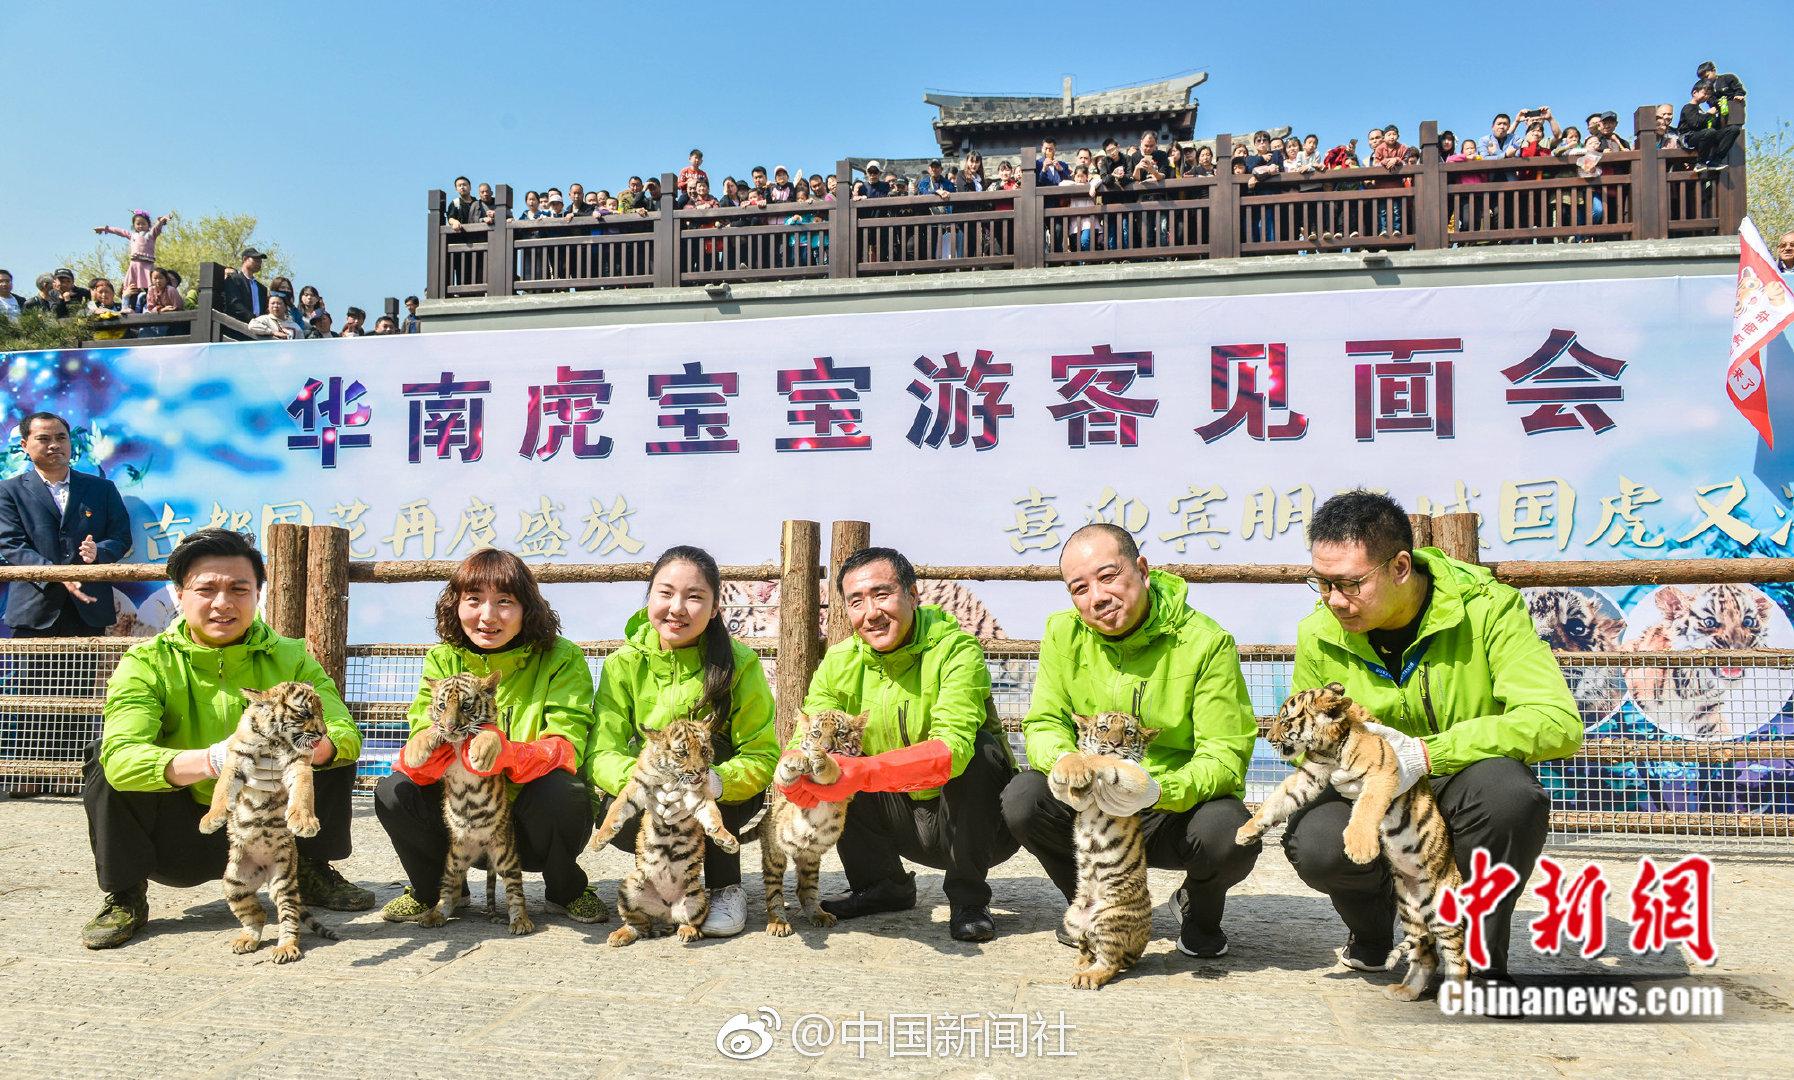 中国社科院报告显示—— 5A景区社会责任待提升